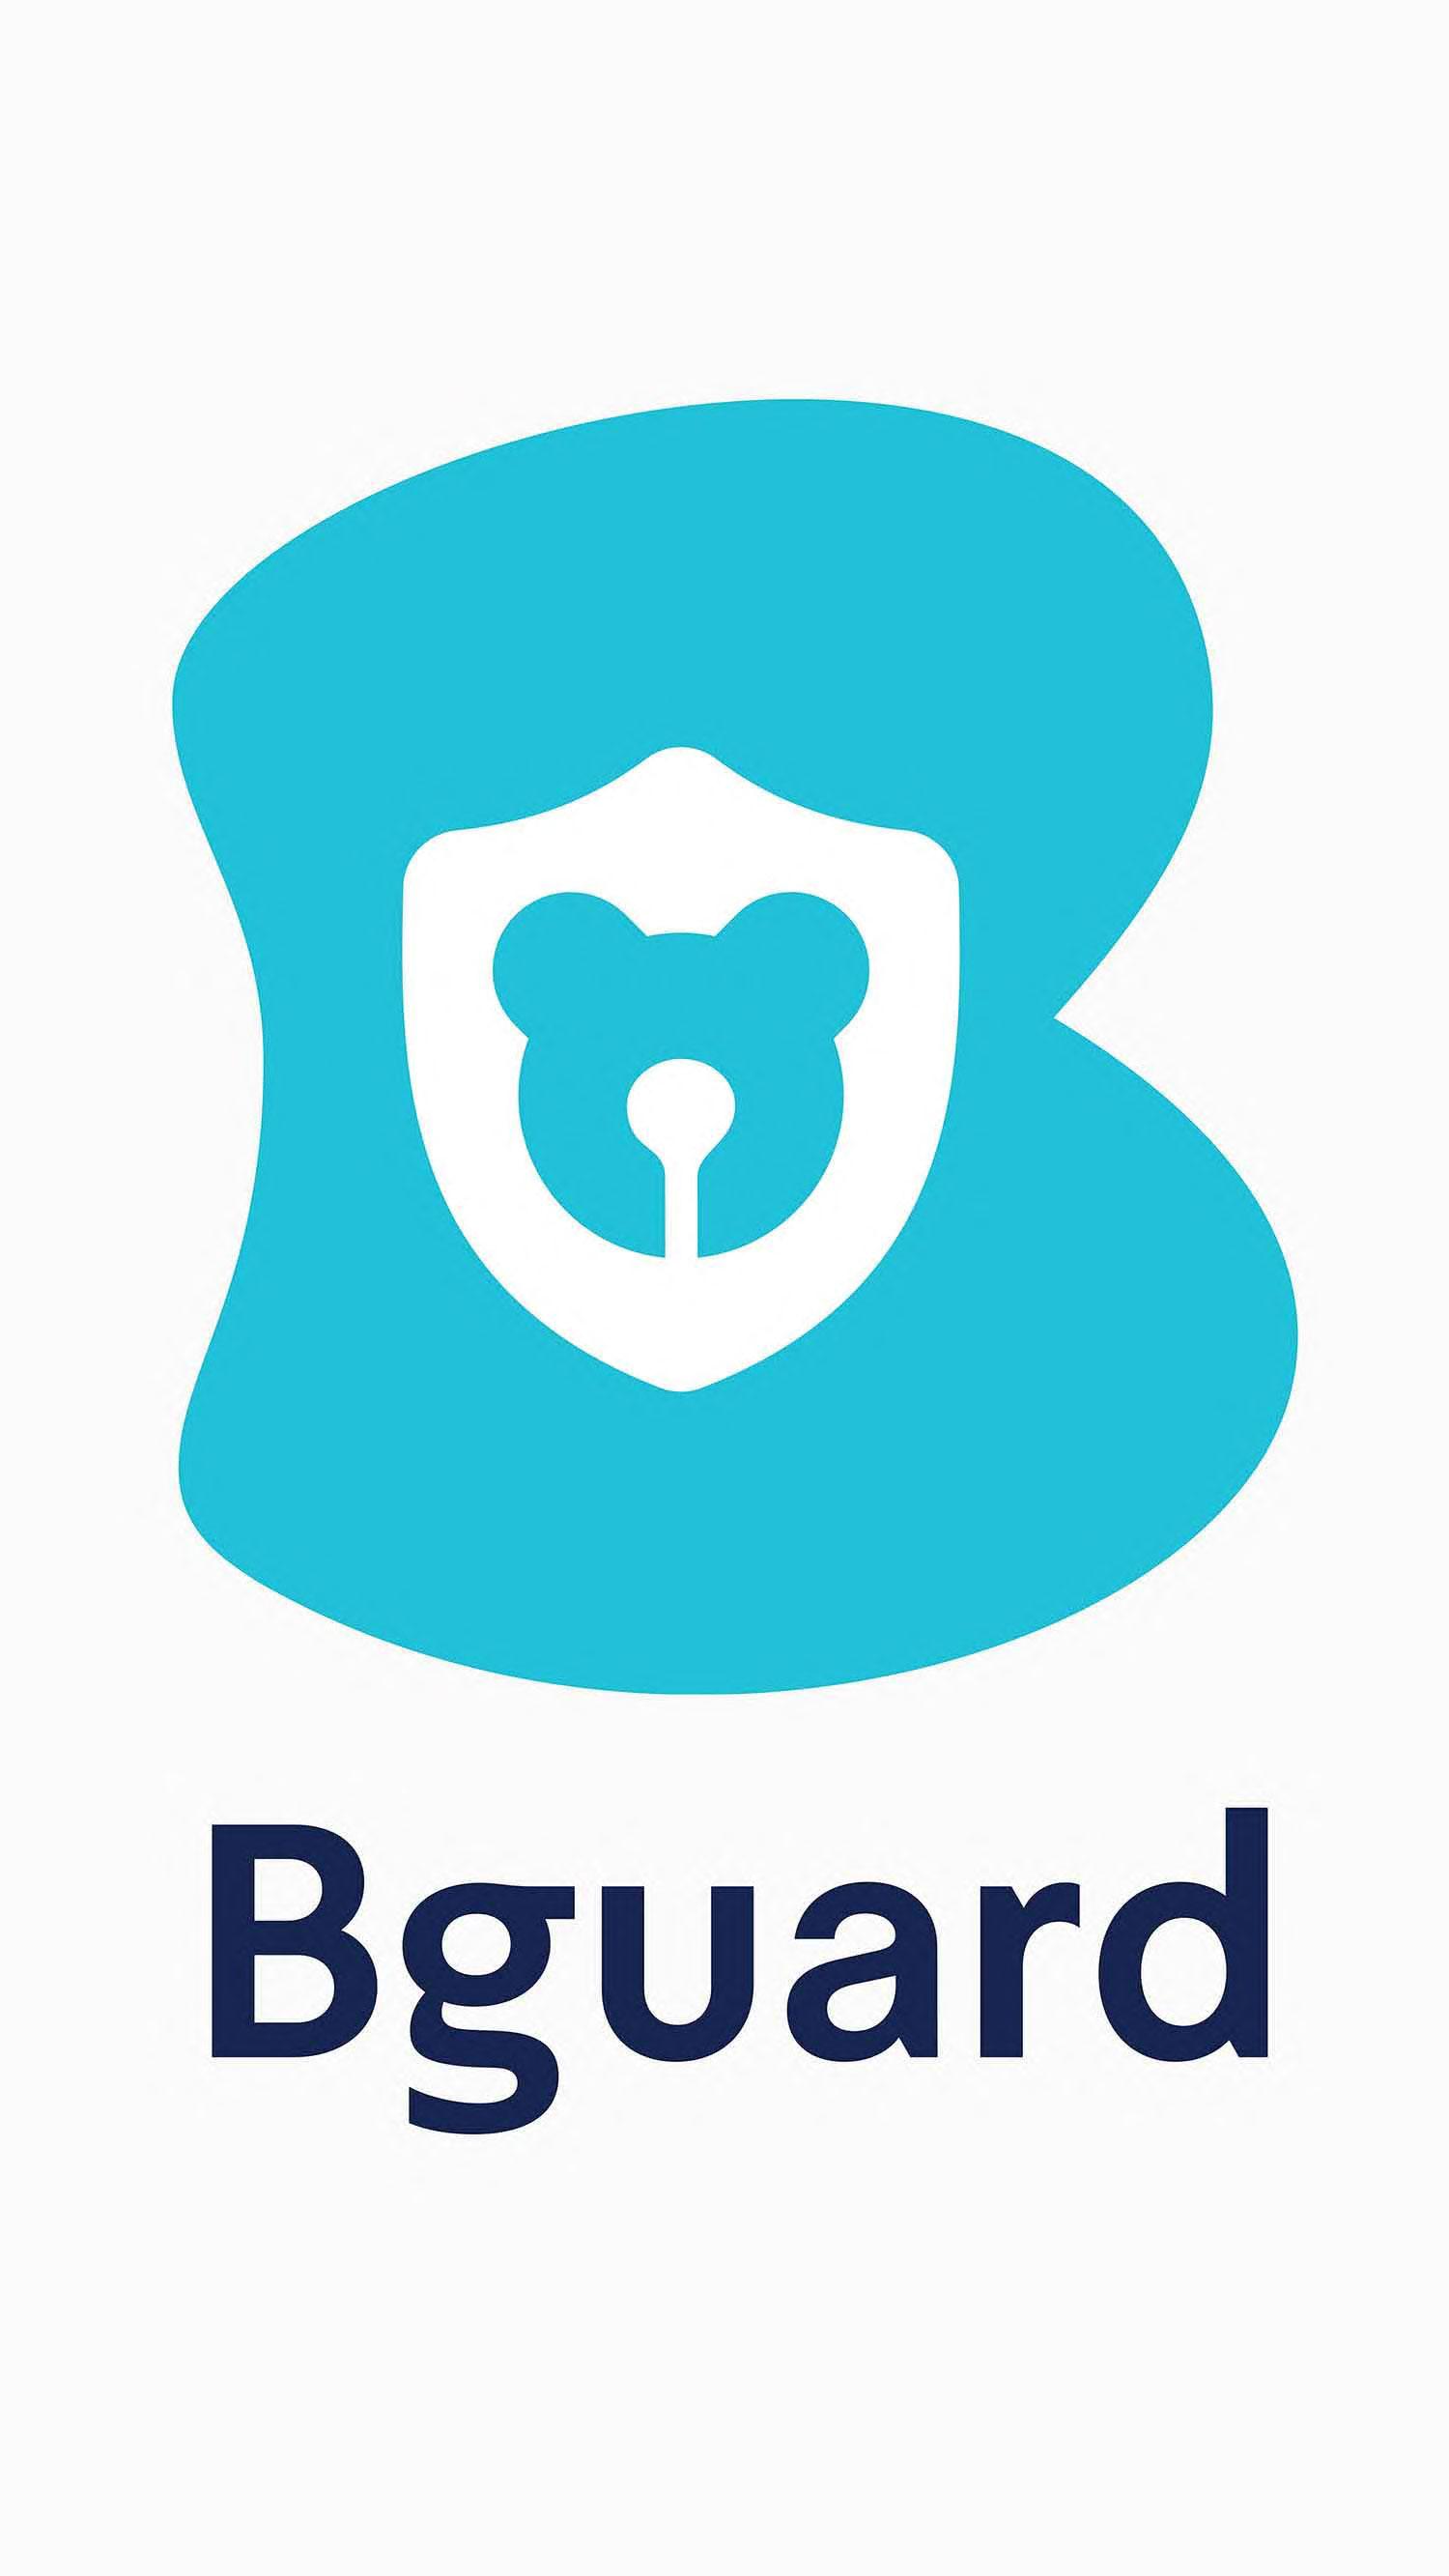 Bguard